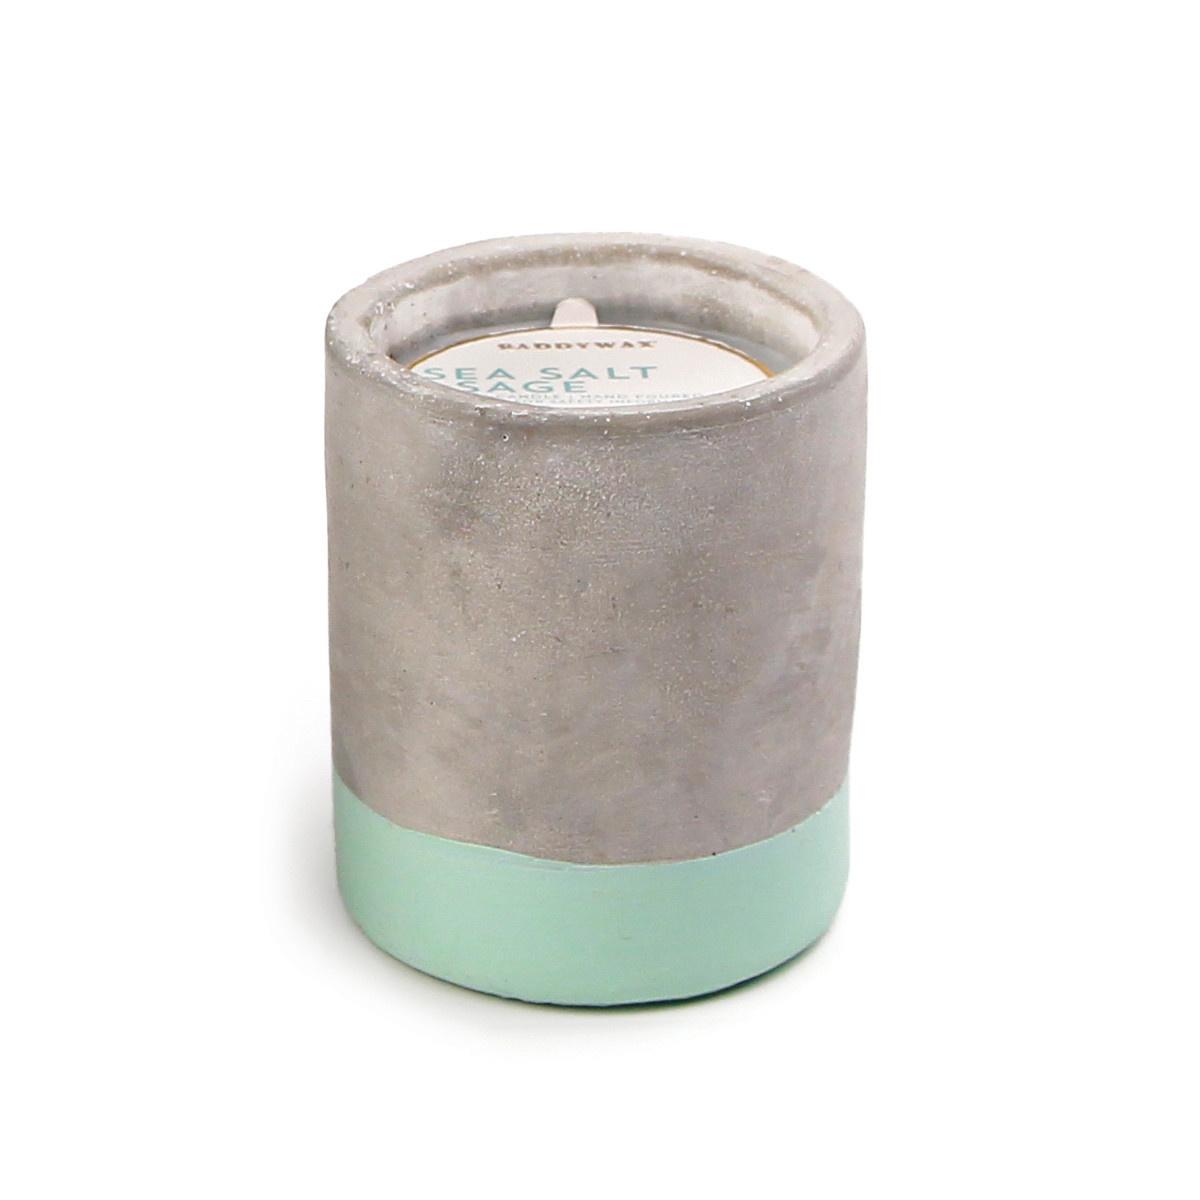 Paddywax Urban Concrete 3.5oz Pot